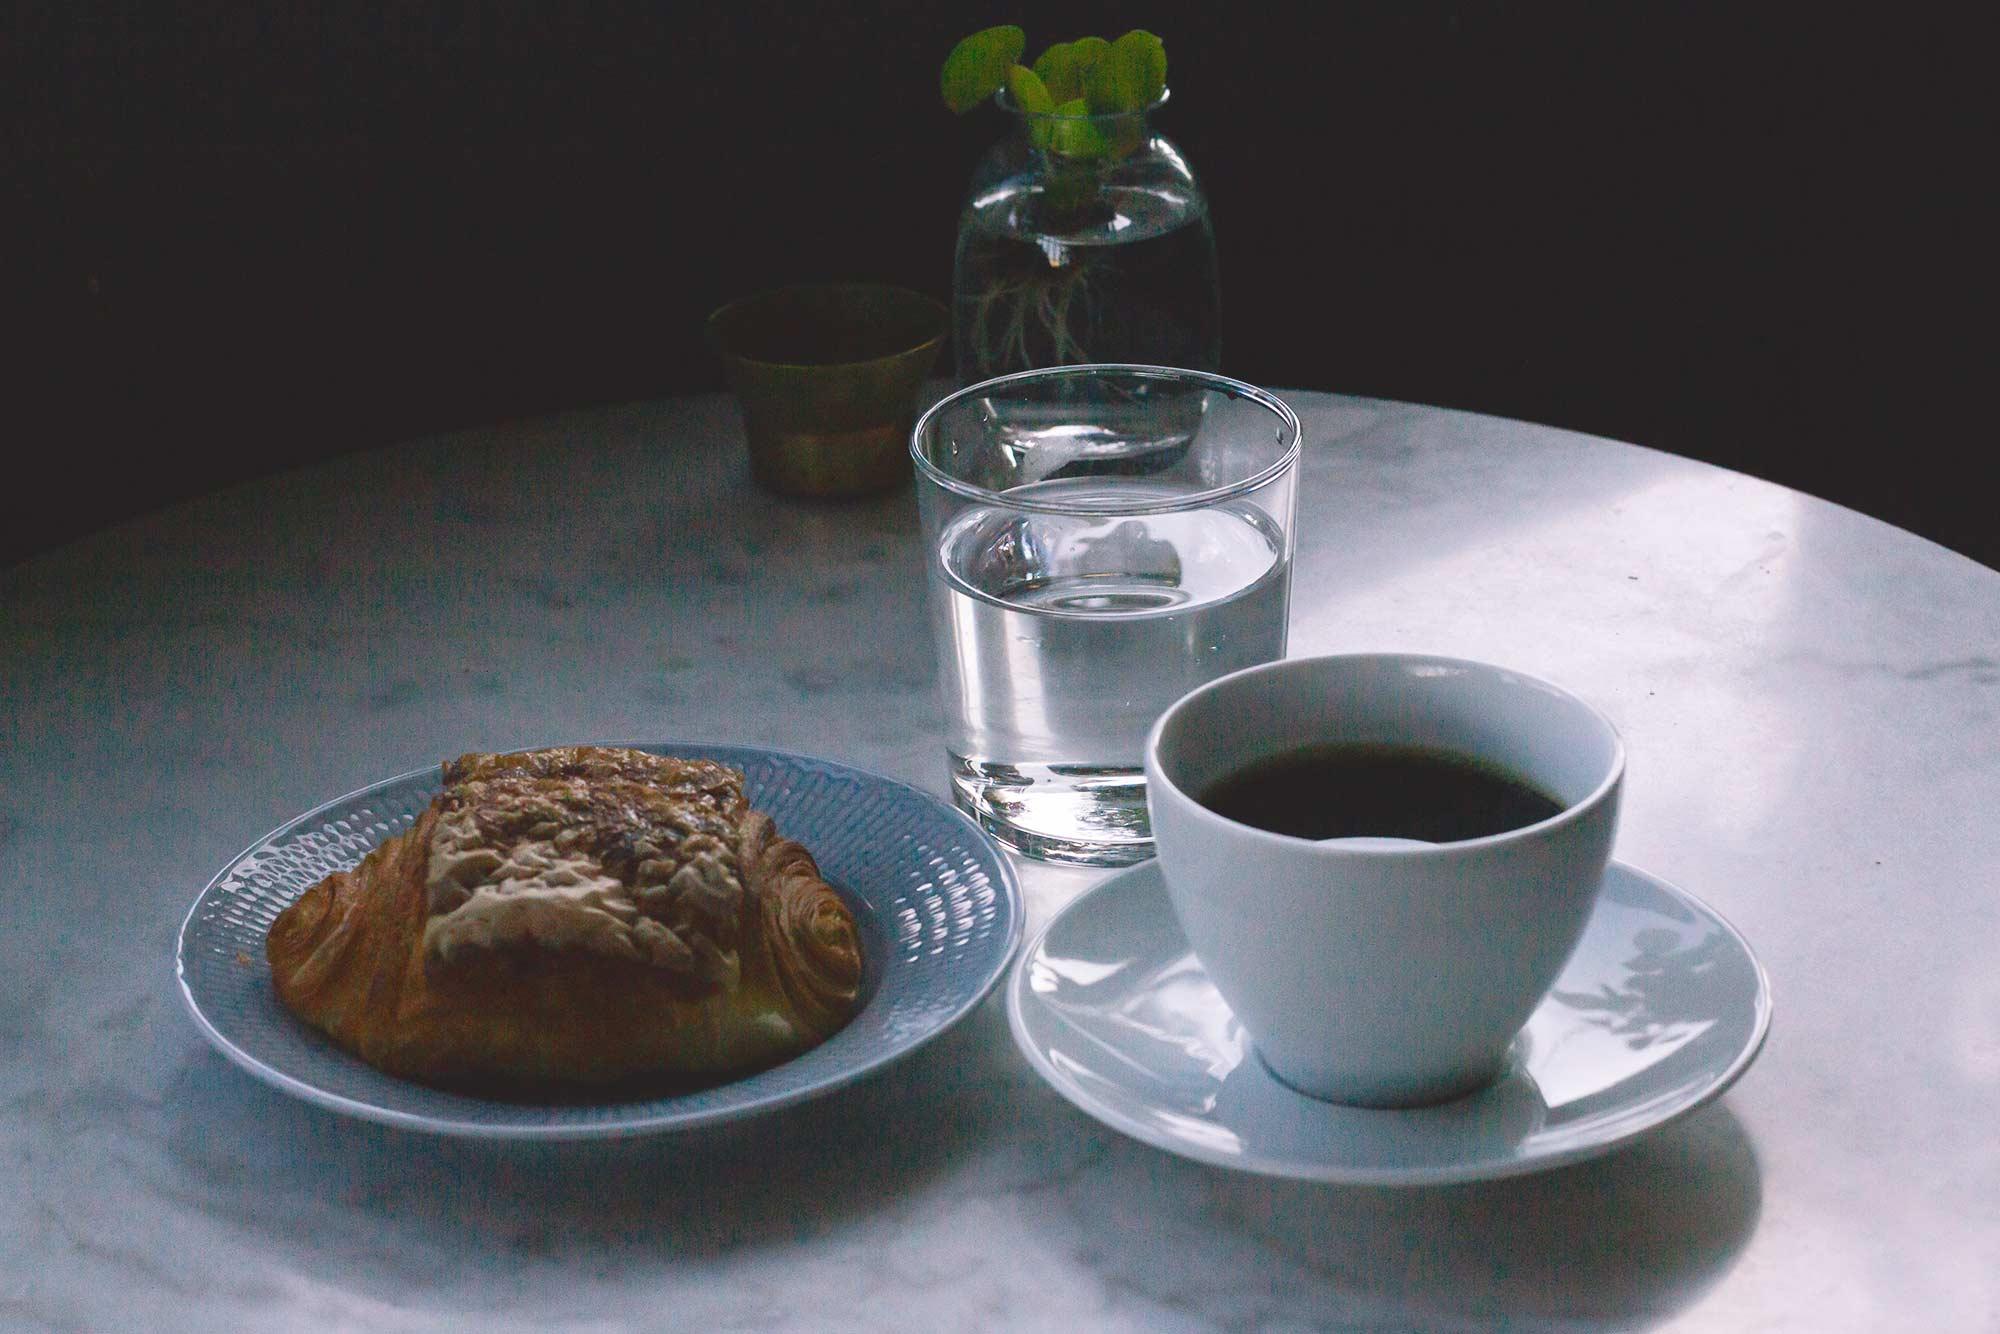 В пекарне Skeppsbro Bageri — одни из лучших булочек в Стокгольме